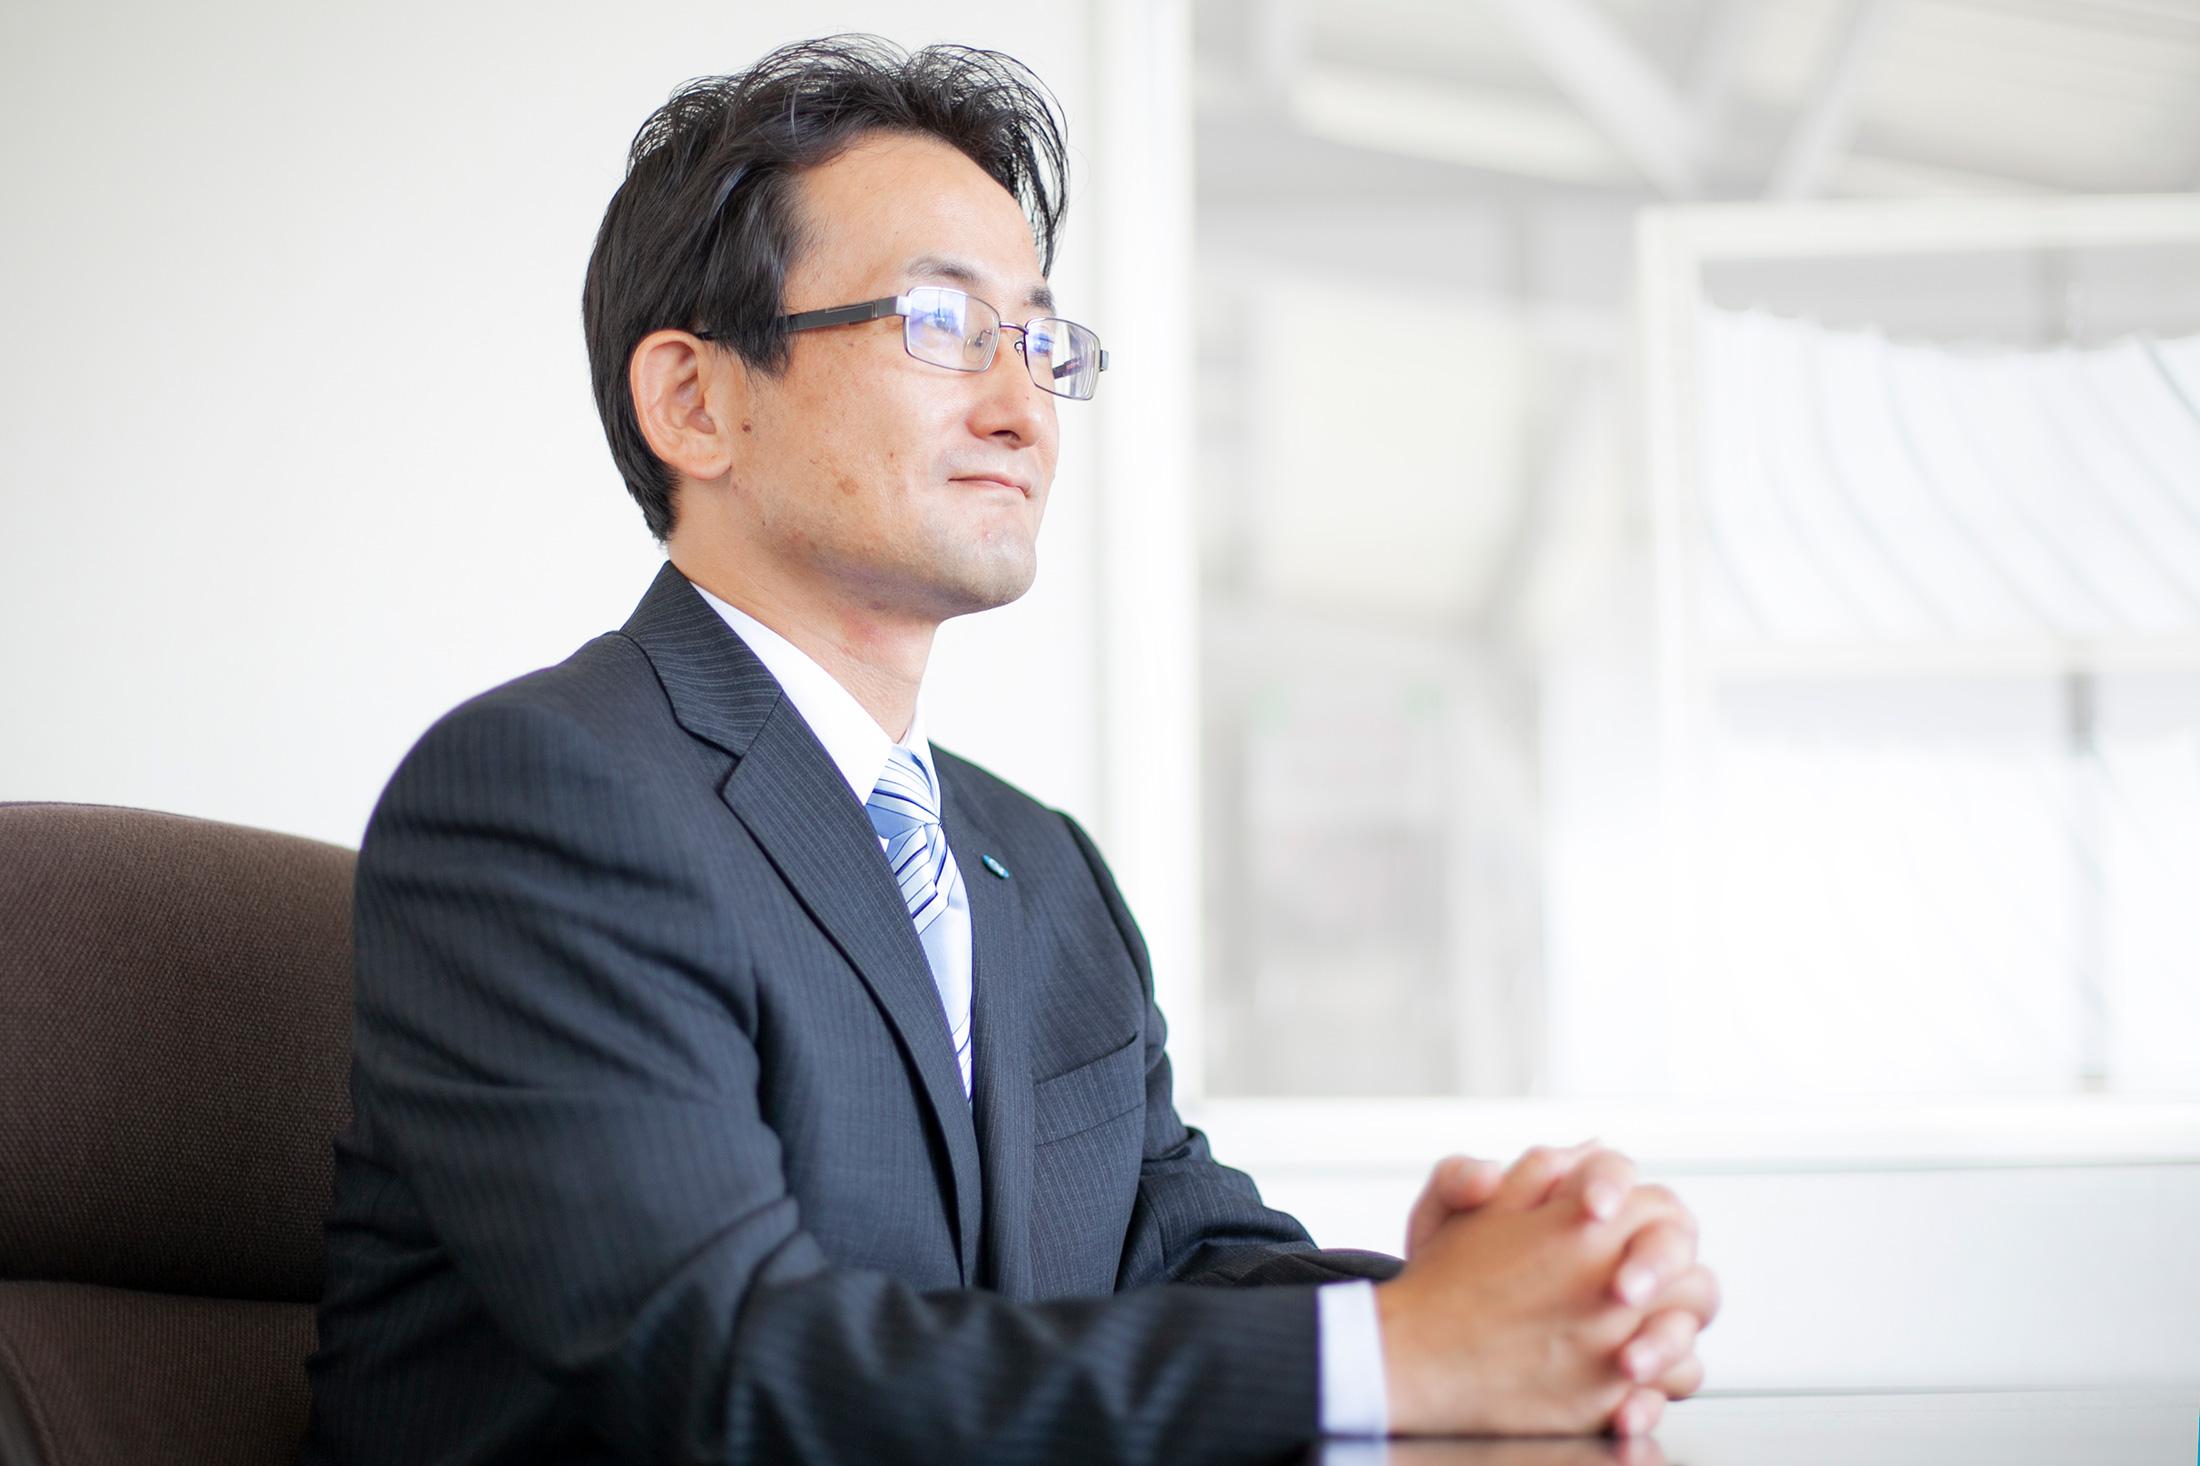 株式会社ヱビス商会 代表取締役 蛭子 健太郎